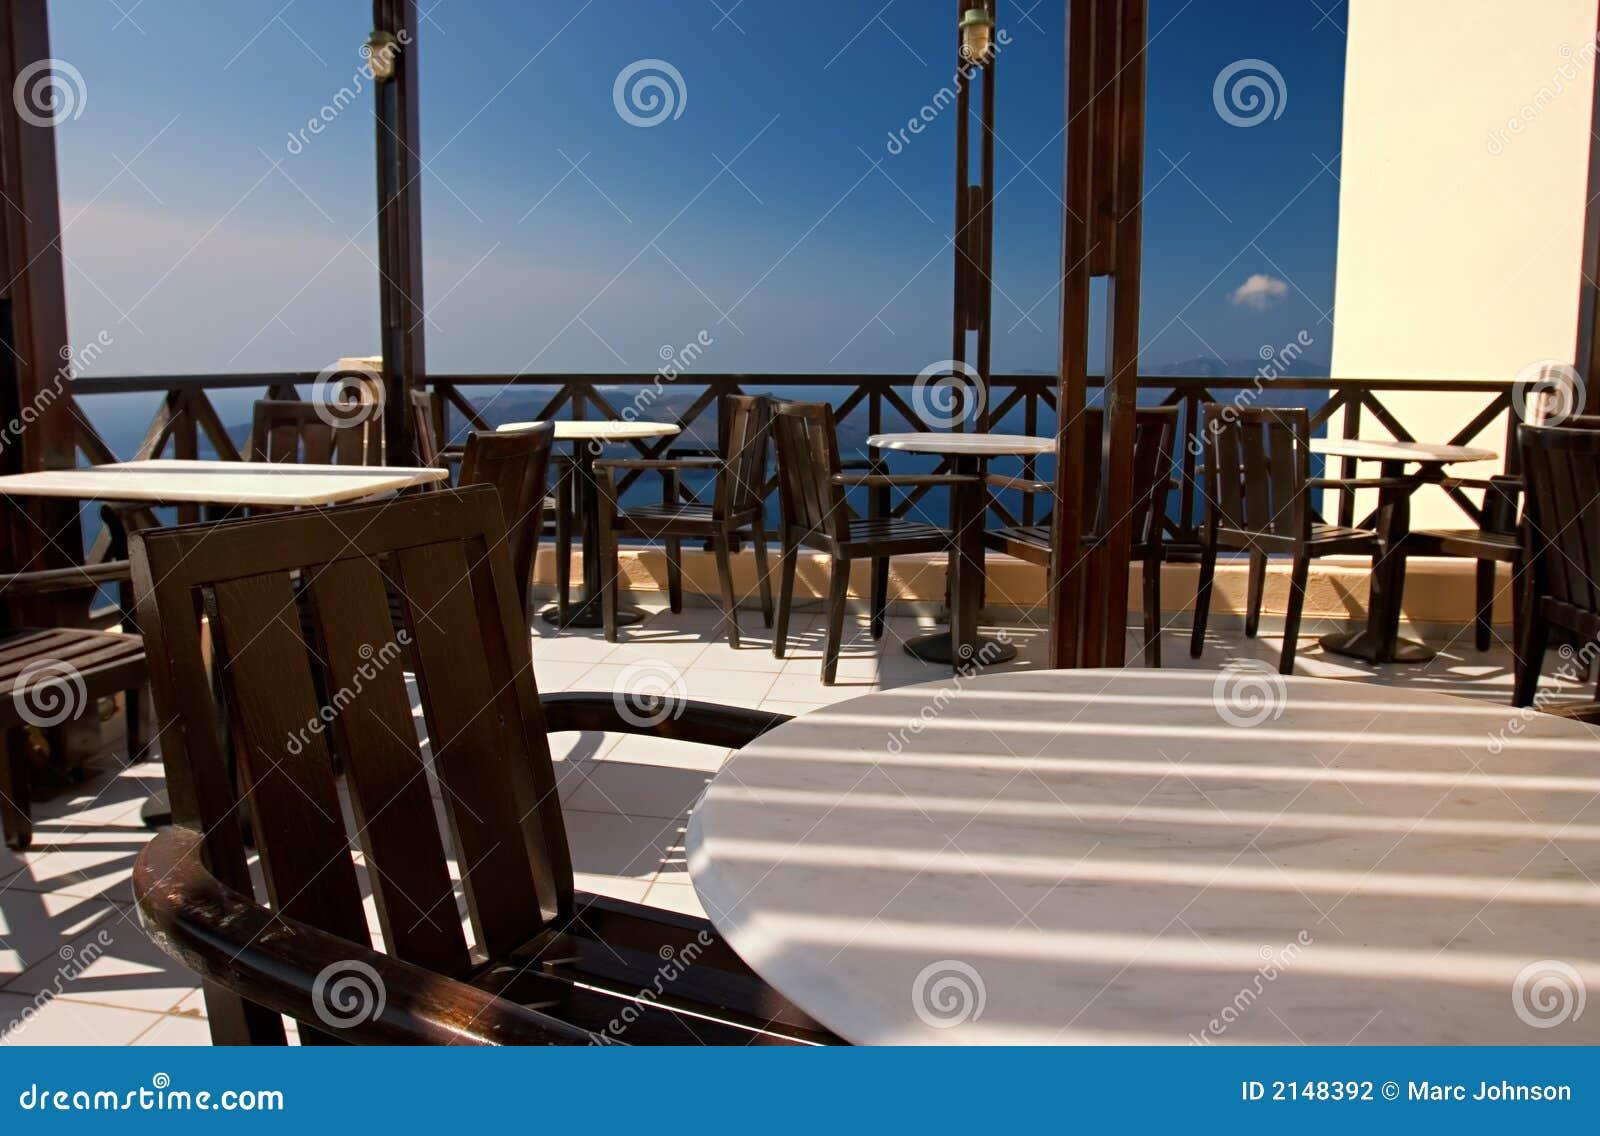 Lege Koffie: Thira, Griekenland.